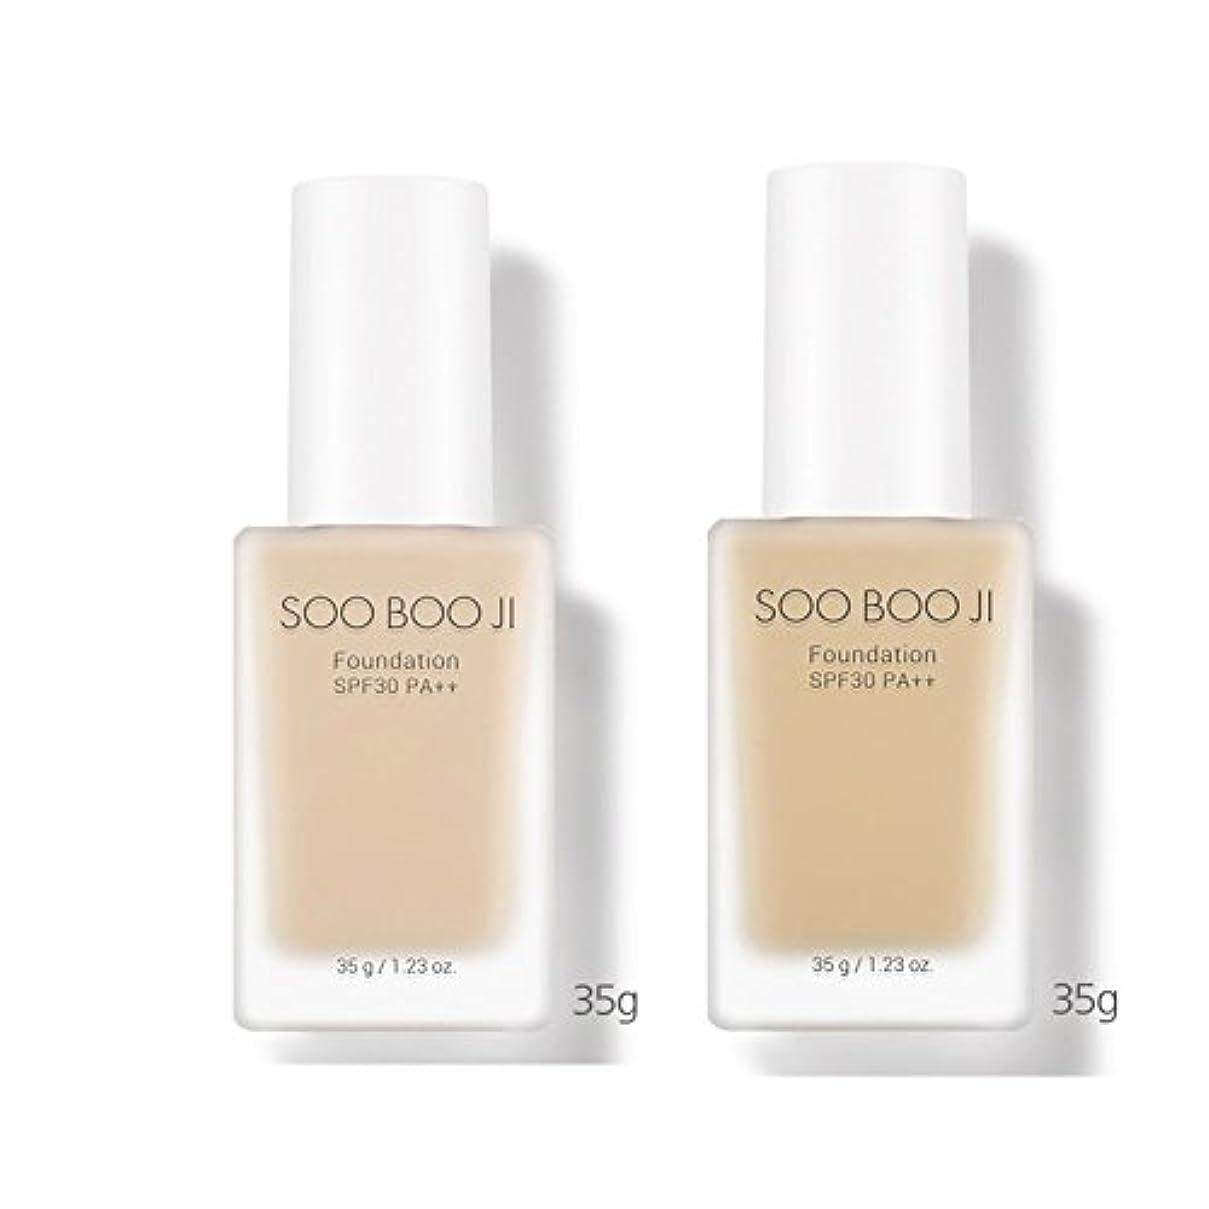 折る強いますとにかくA'PIEU Soo Boo Jiファンデーション(SPF30 / PA++)35g x 2本セット2カラー(21号、23号)、A'PIEU Soo Boo Ji Foundation (SPF30 / PA++) 35g...